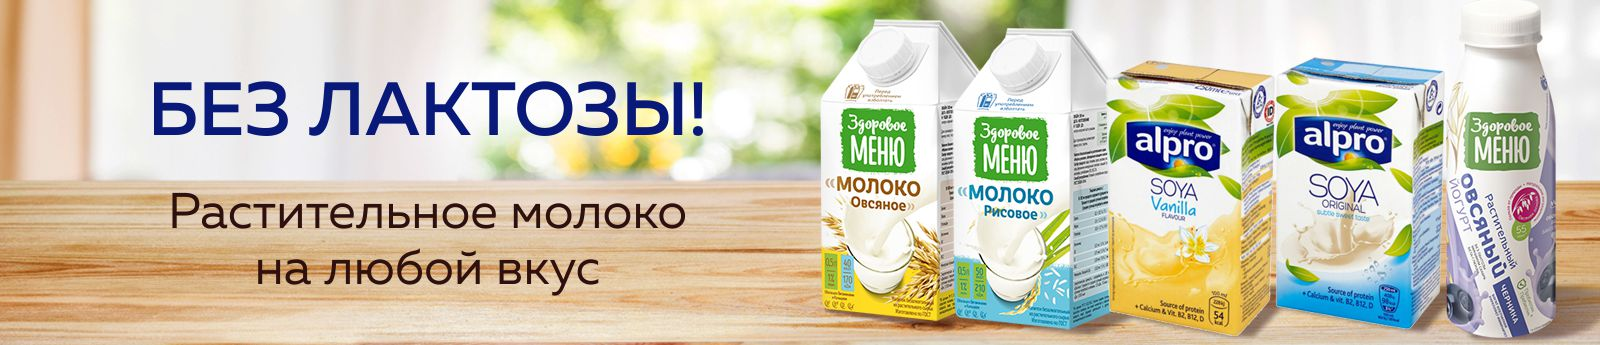 Молоко без лактозы!